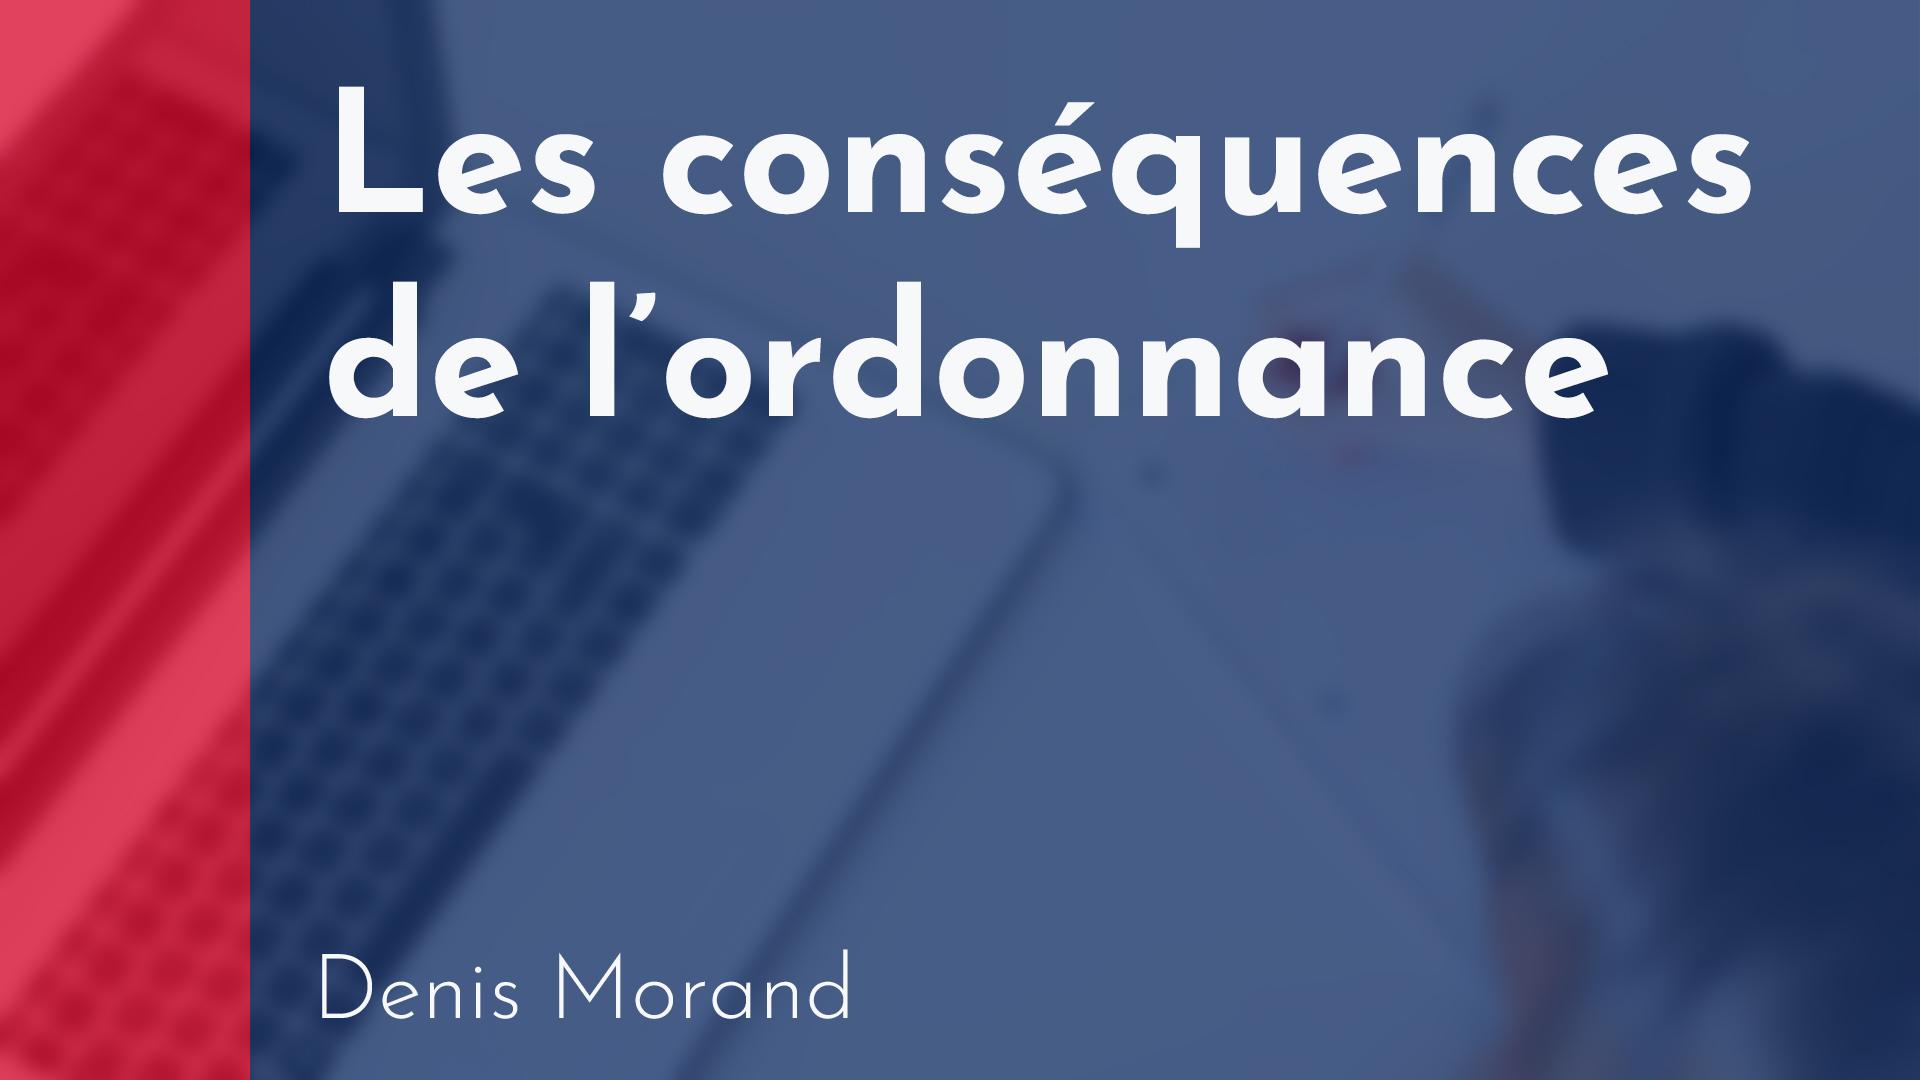 Transaction - les conséquences de l'ordonnance - Denis Morand